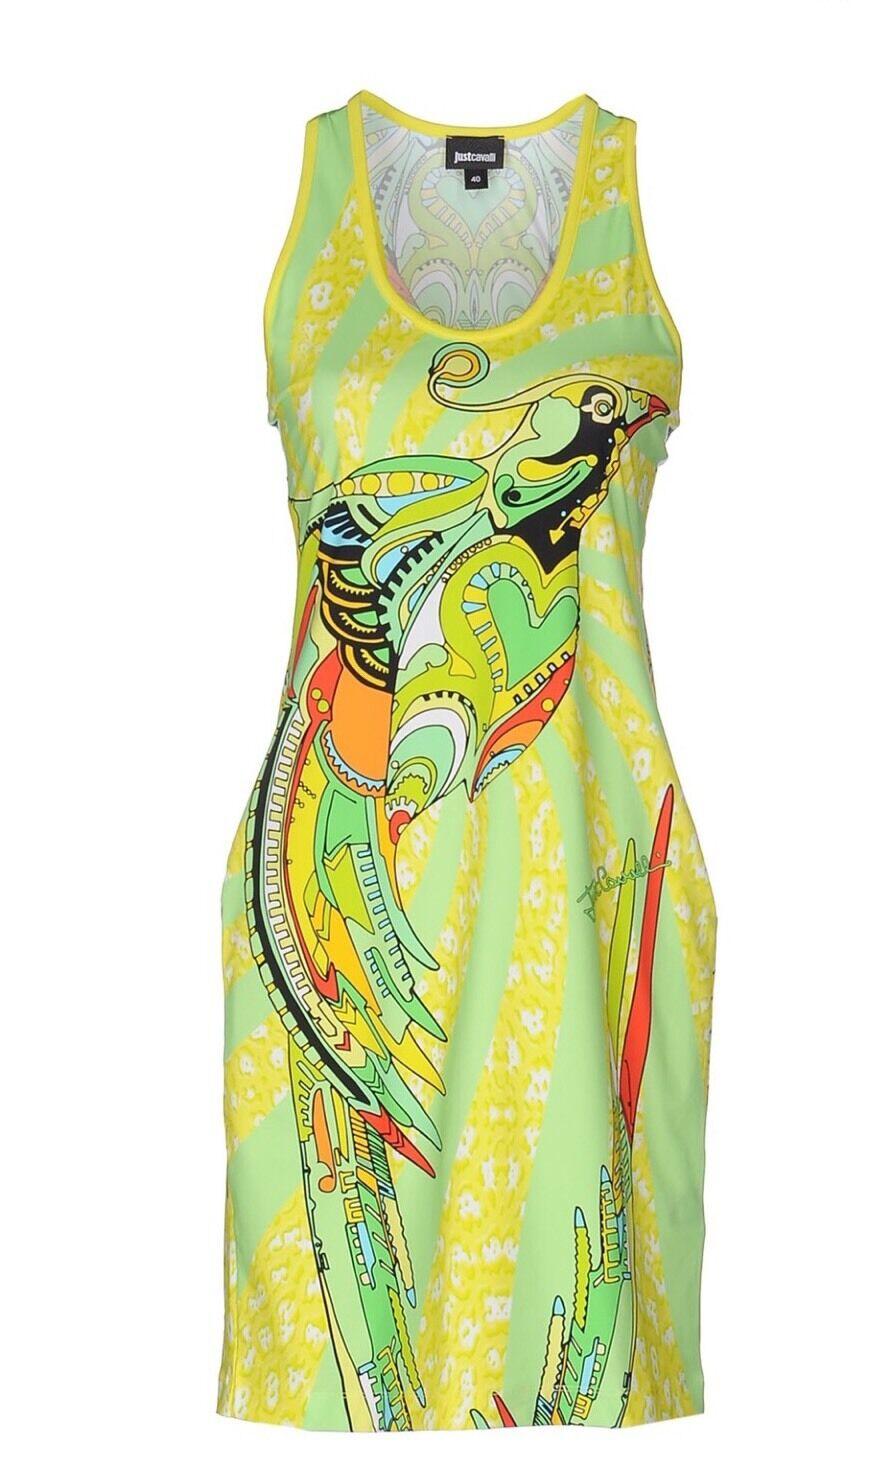 Just Cavalli Abito Vestito Dress Original damen damen P E 2016 Campionario Tg.42